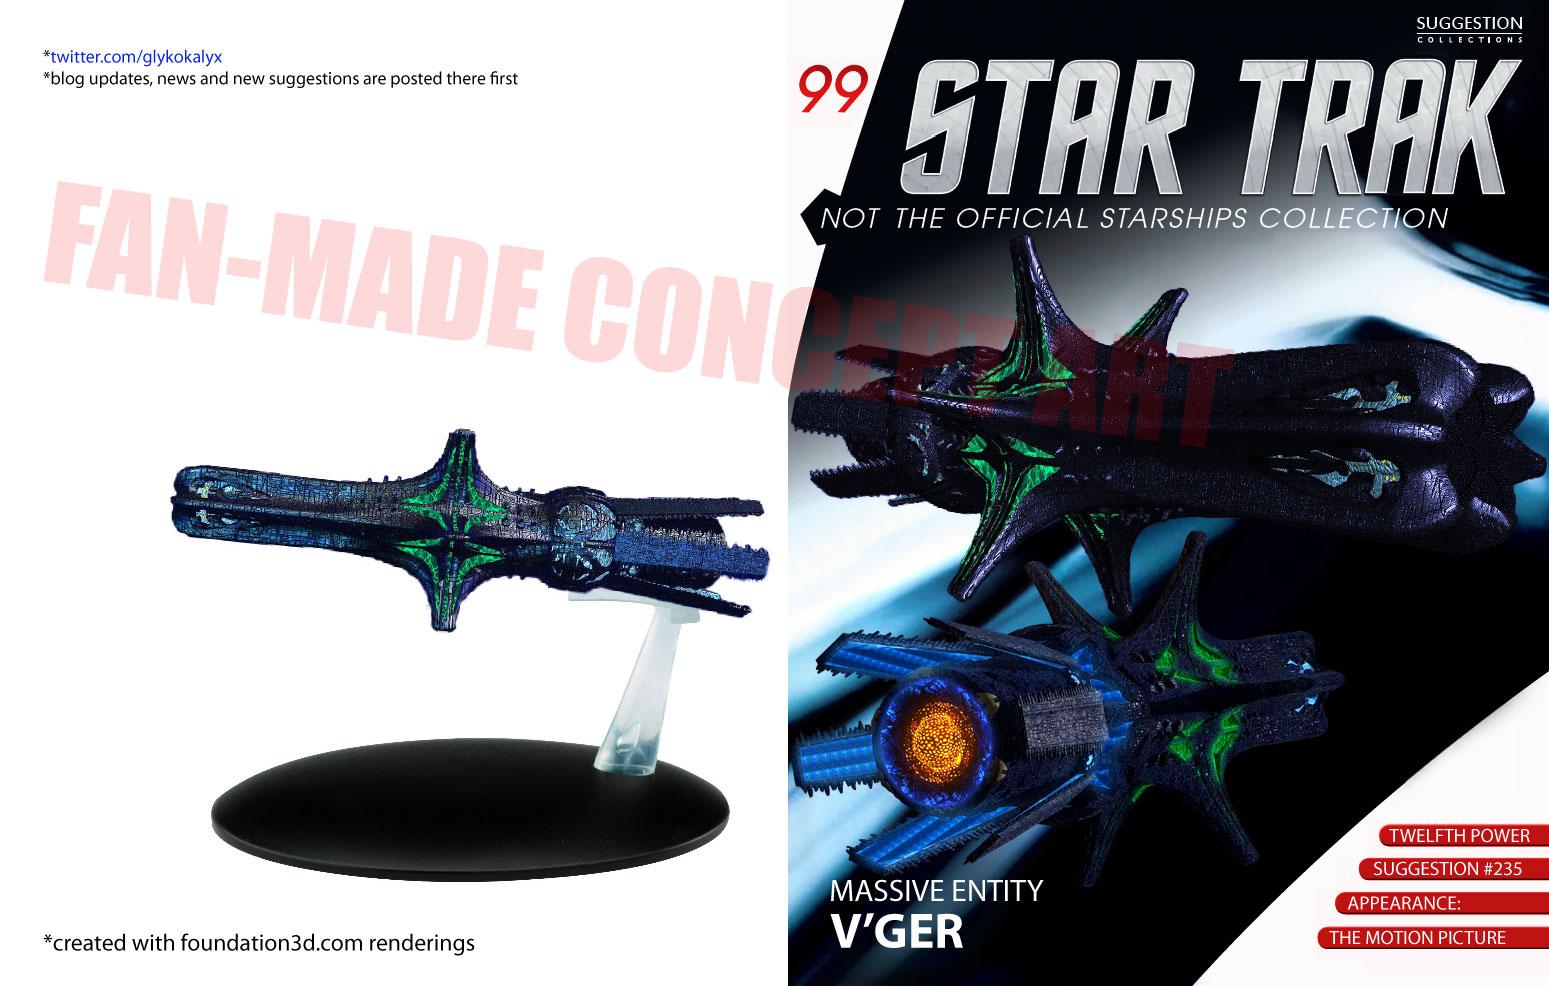 Gallery Season 5 Glykokalyxs Star Trek Suggestion Issues